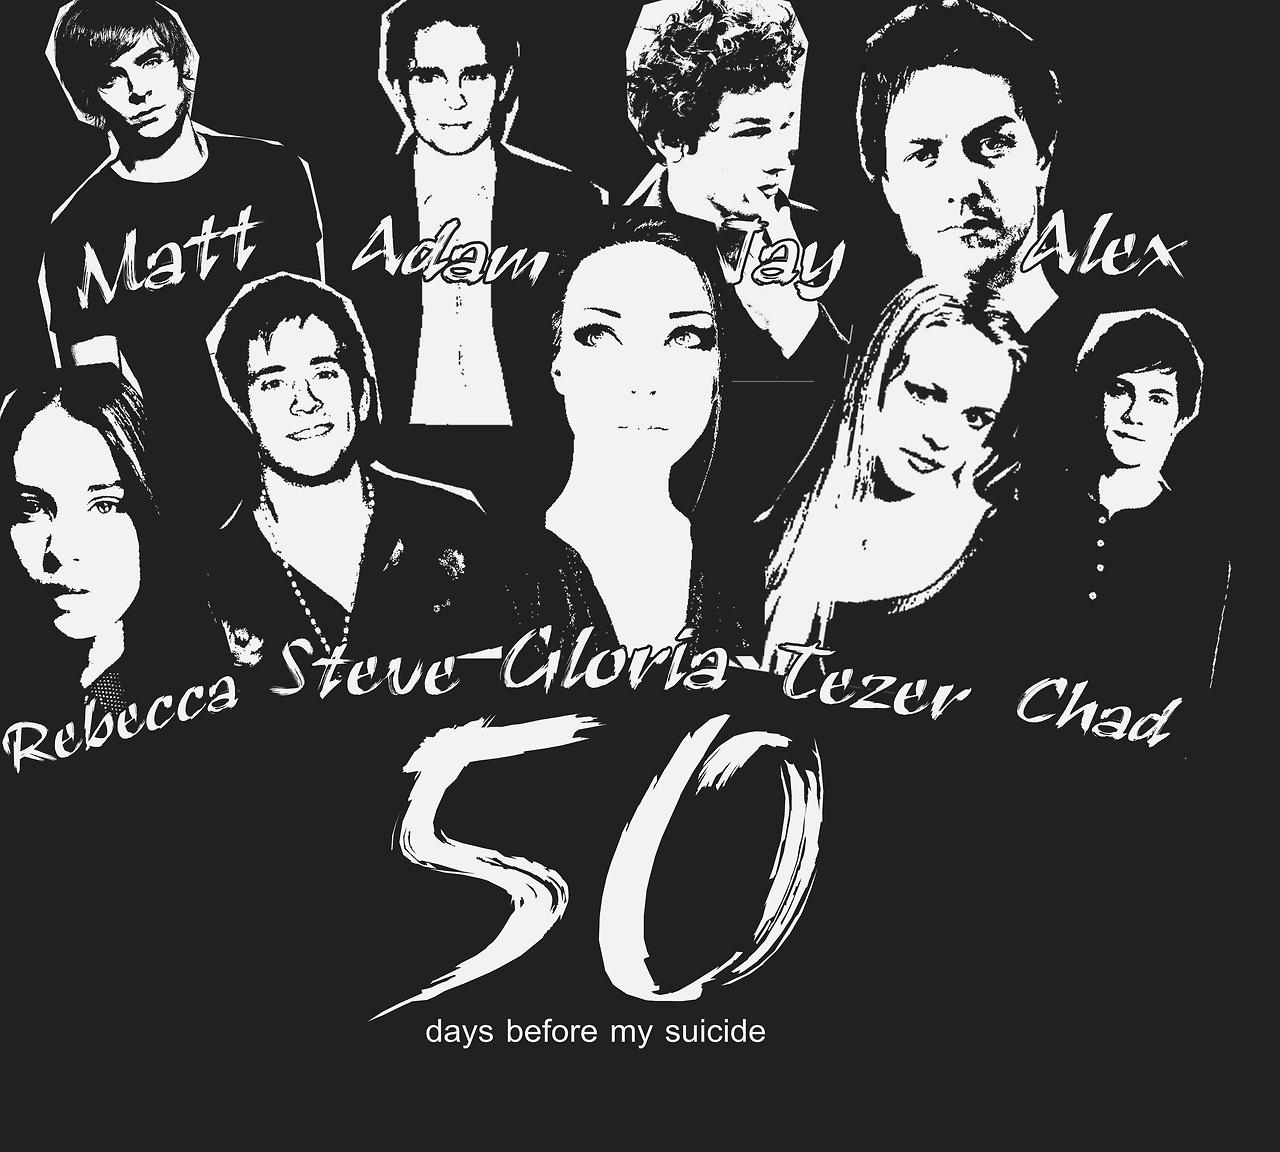 50 дней до моего самоубийства формат doc